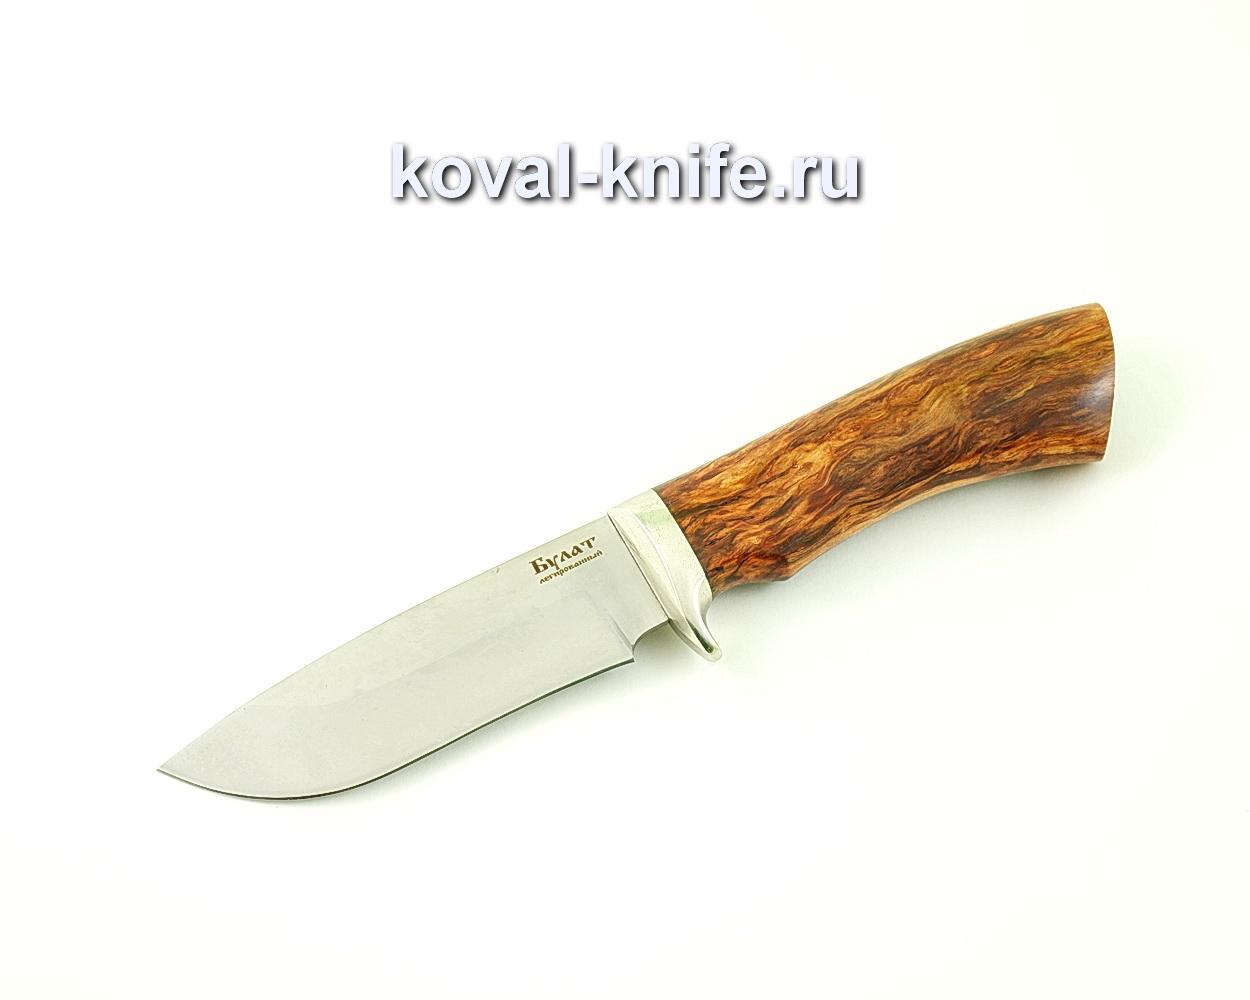 Нож из булатной стали Сапсан (Легированный булат, рукоять стабилизированная карельская береза, литье мельхиор) A482